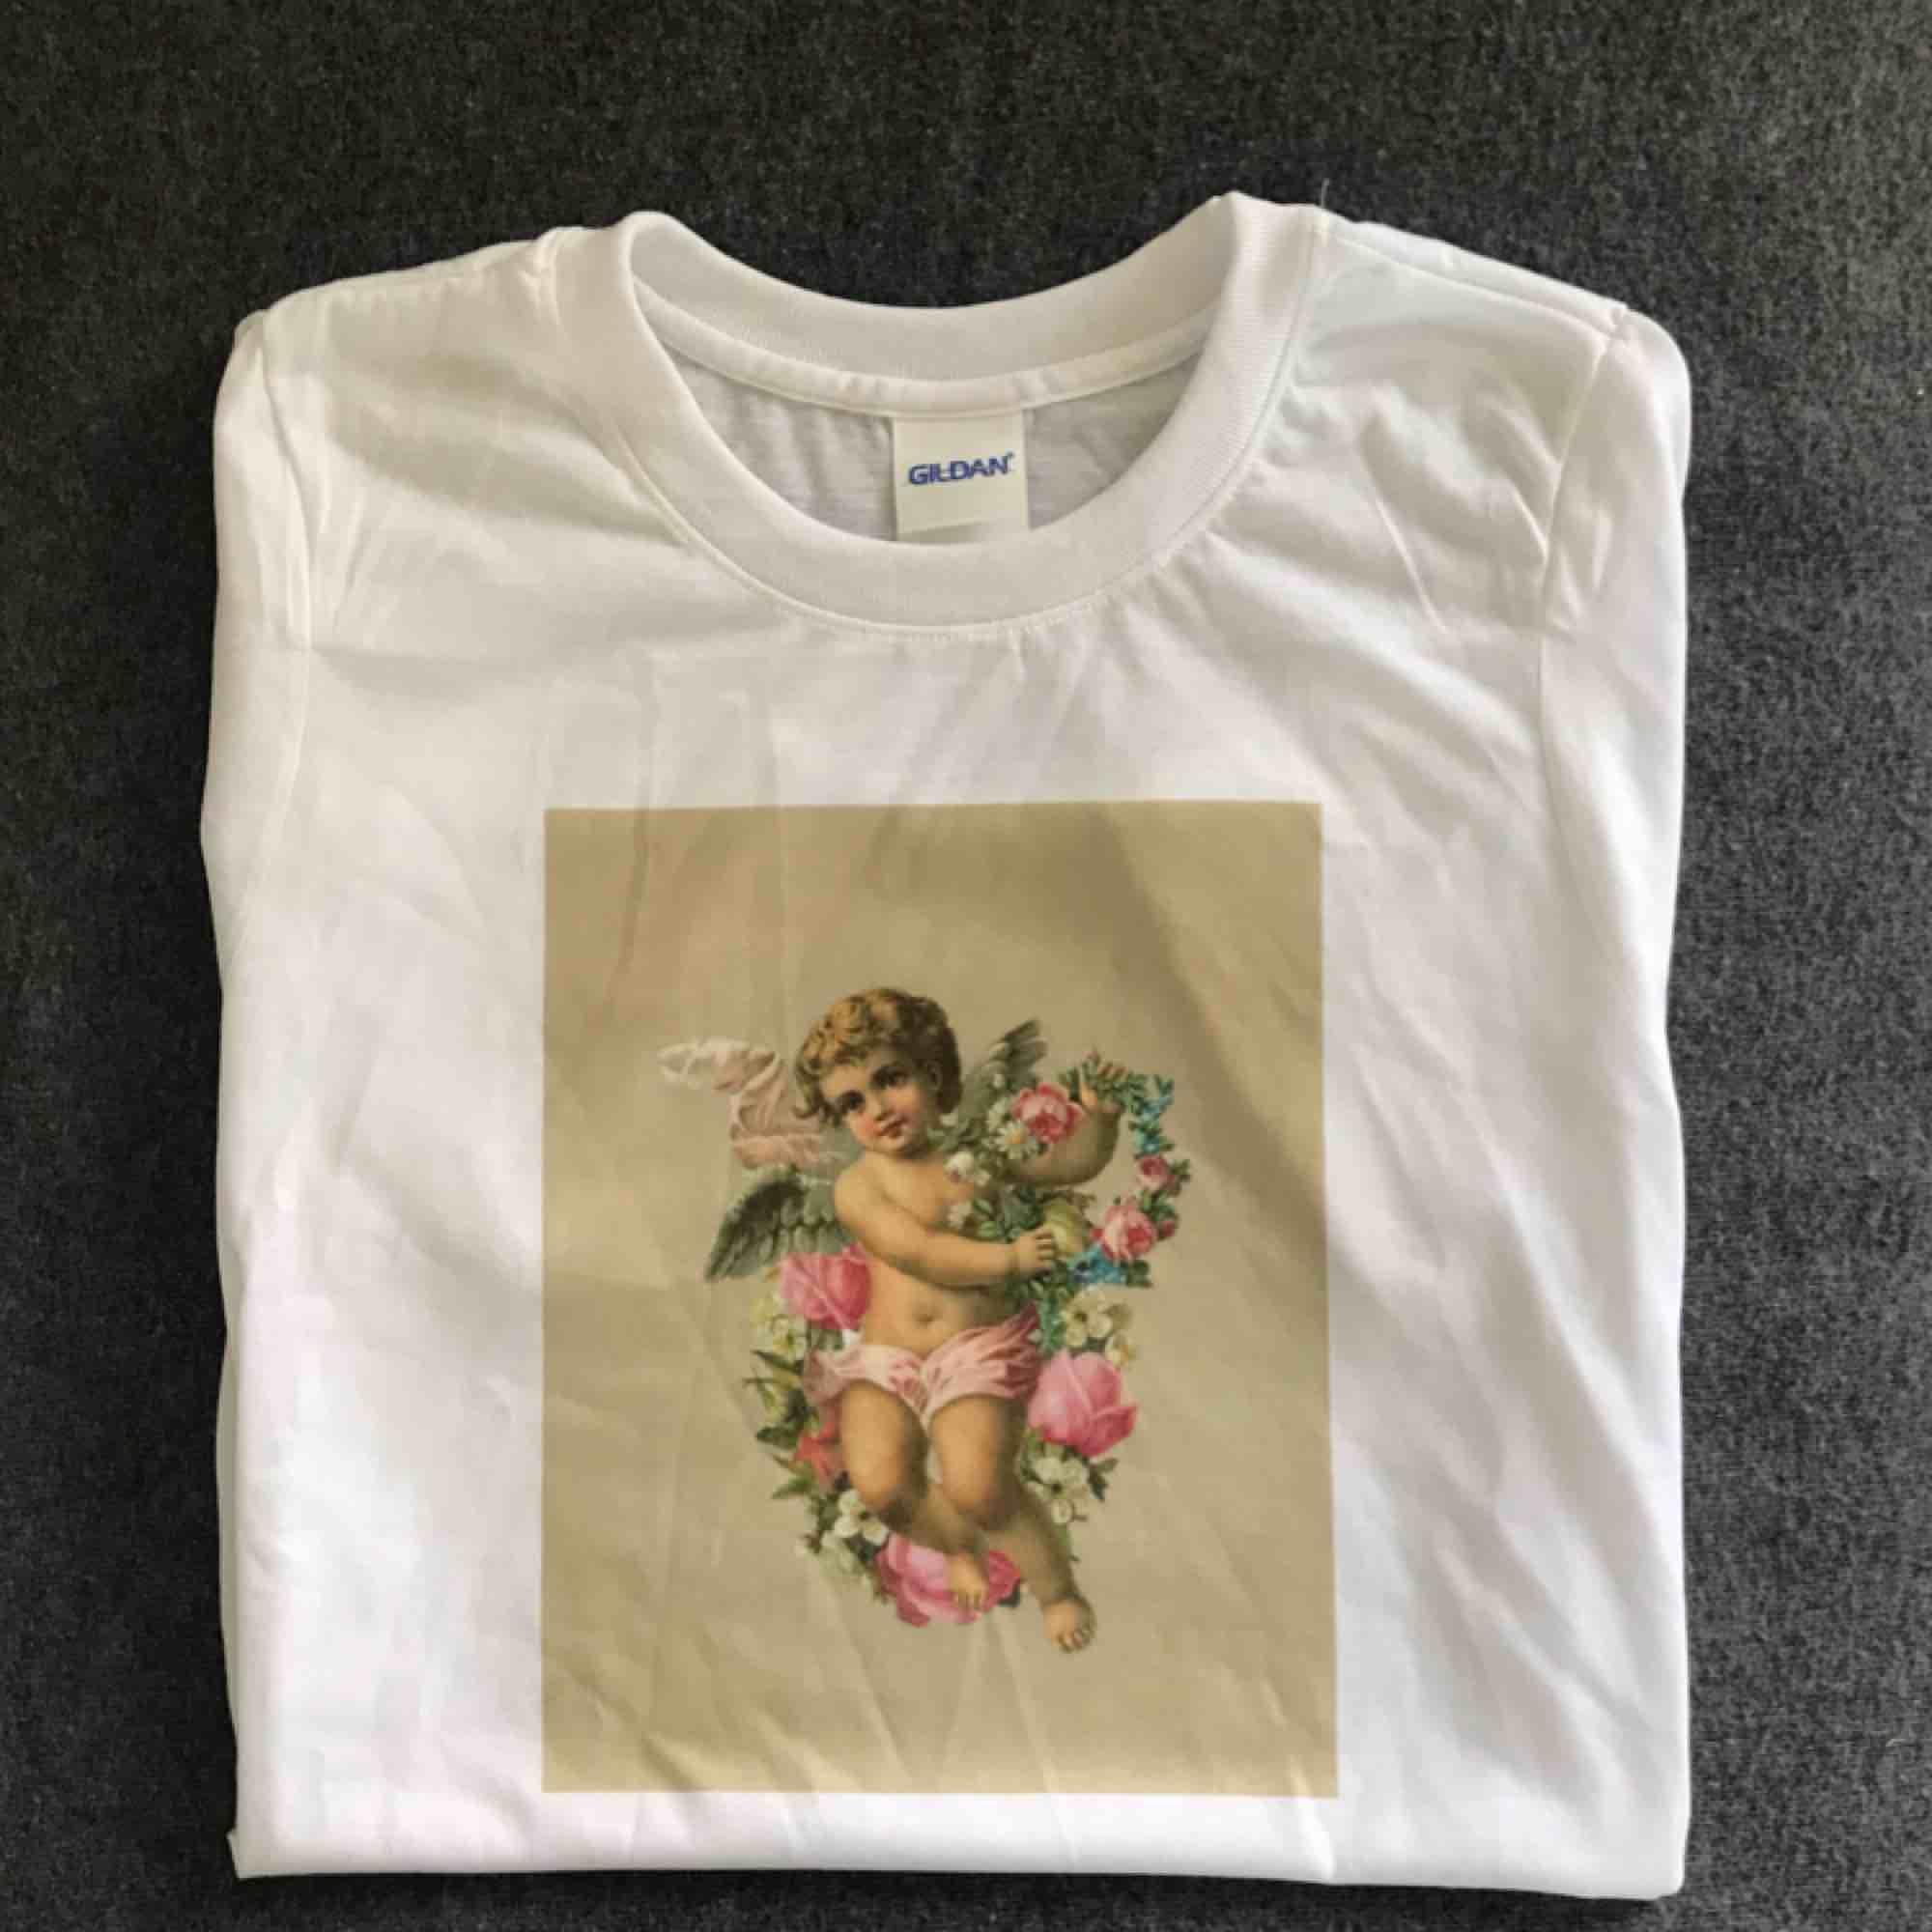 THE ROSE ANGEL TEE🧨Finns i storlekarna S-XL i en unisex modell🧨Skicka meddelande eller maila theteeandtee@gmail.com för att beställa eller ställa frågor🧨Betalning sker via swish🧨Gratis frakt över hela landet!🧨. T-shirts.